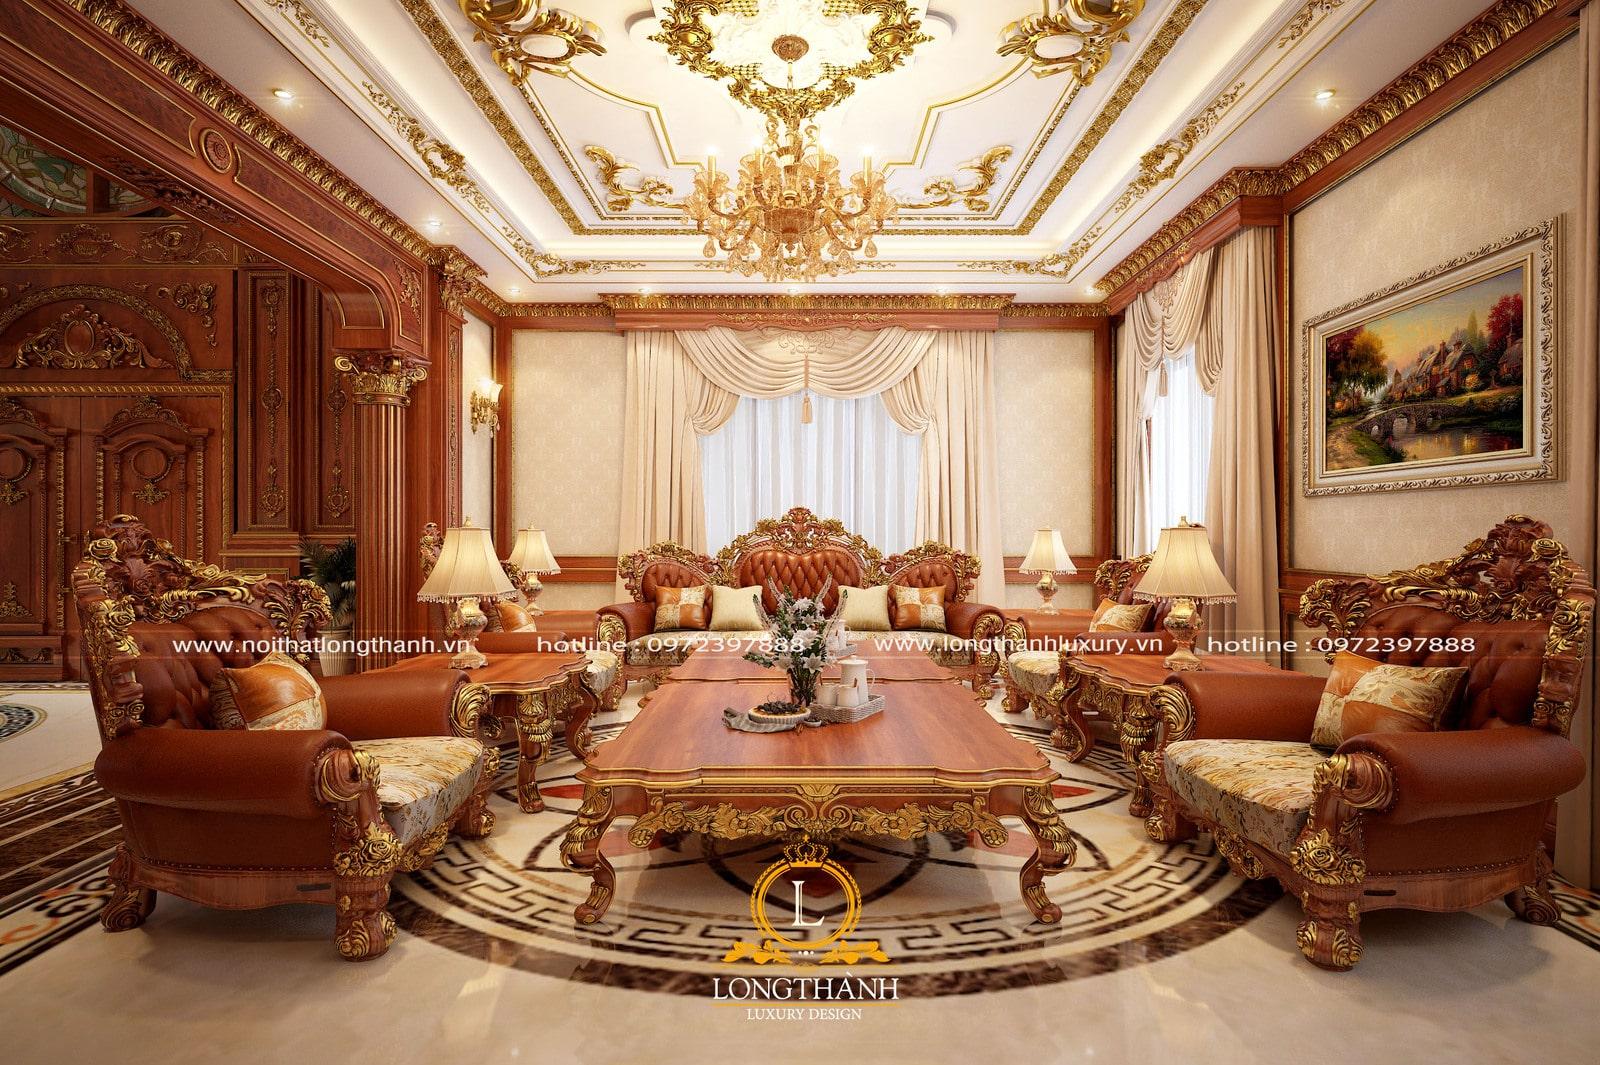 Phòng khách tân cổ điển LT09